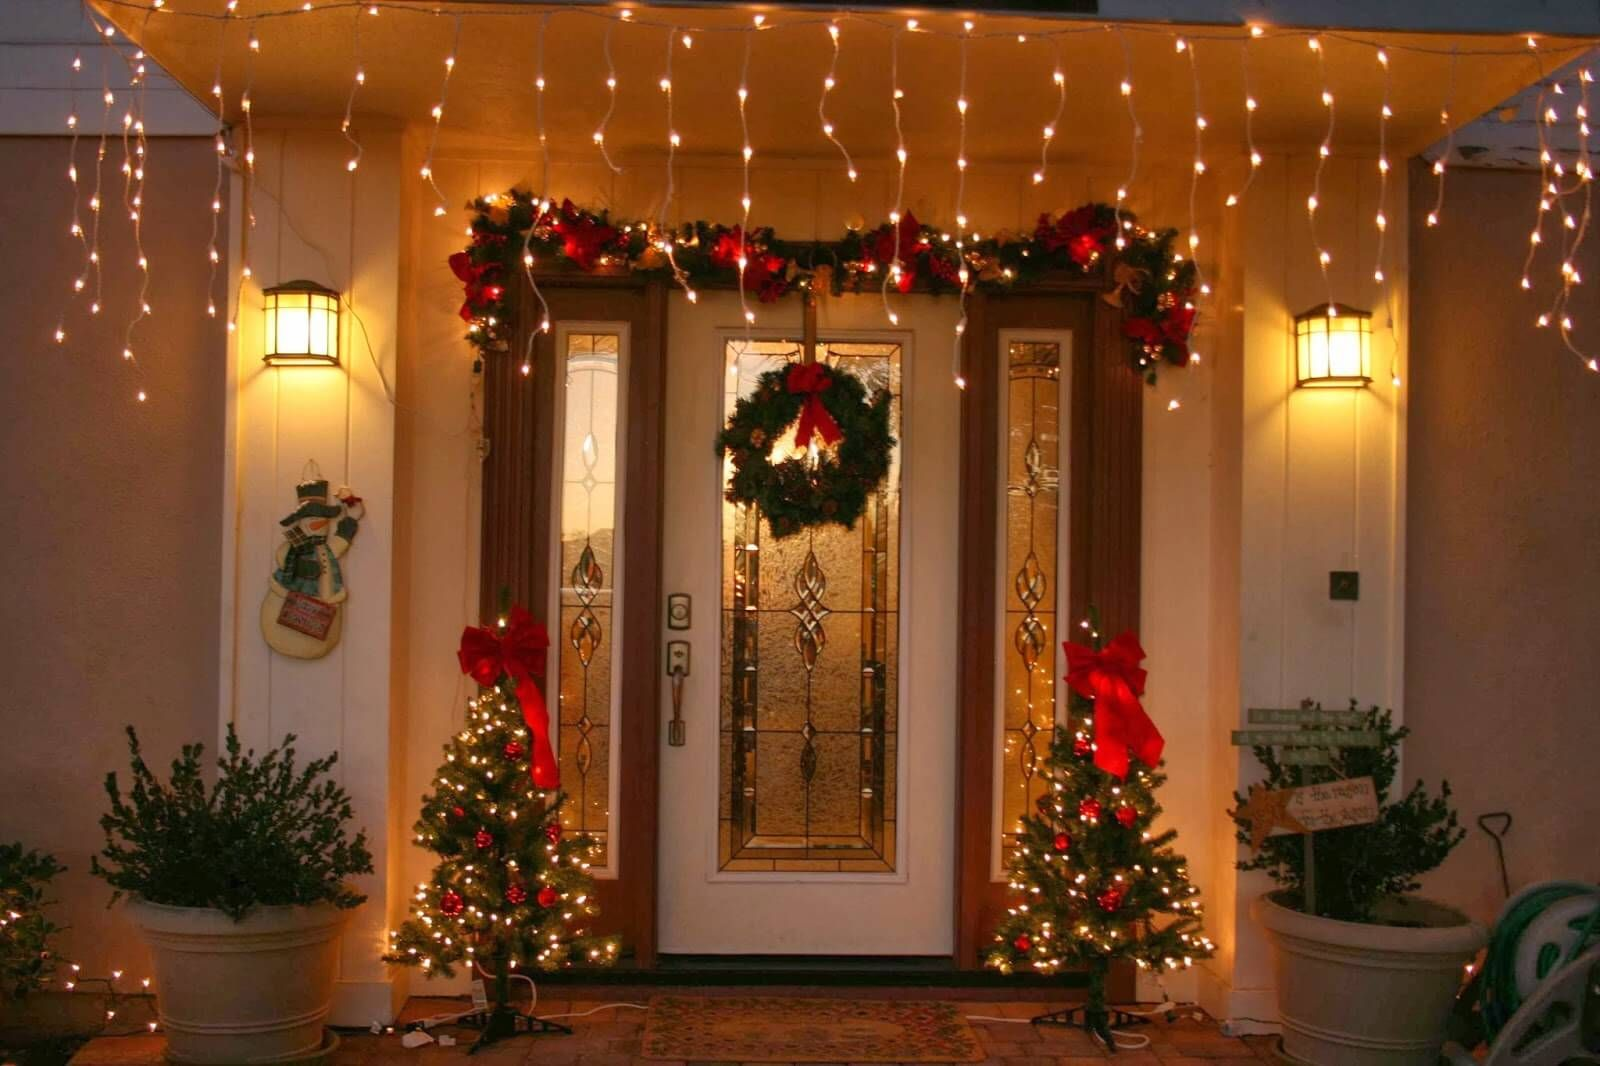 5 ideas para decorar la casa en navidad navidad for Ideas para adornar puertas en navidad